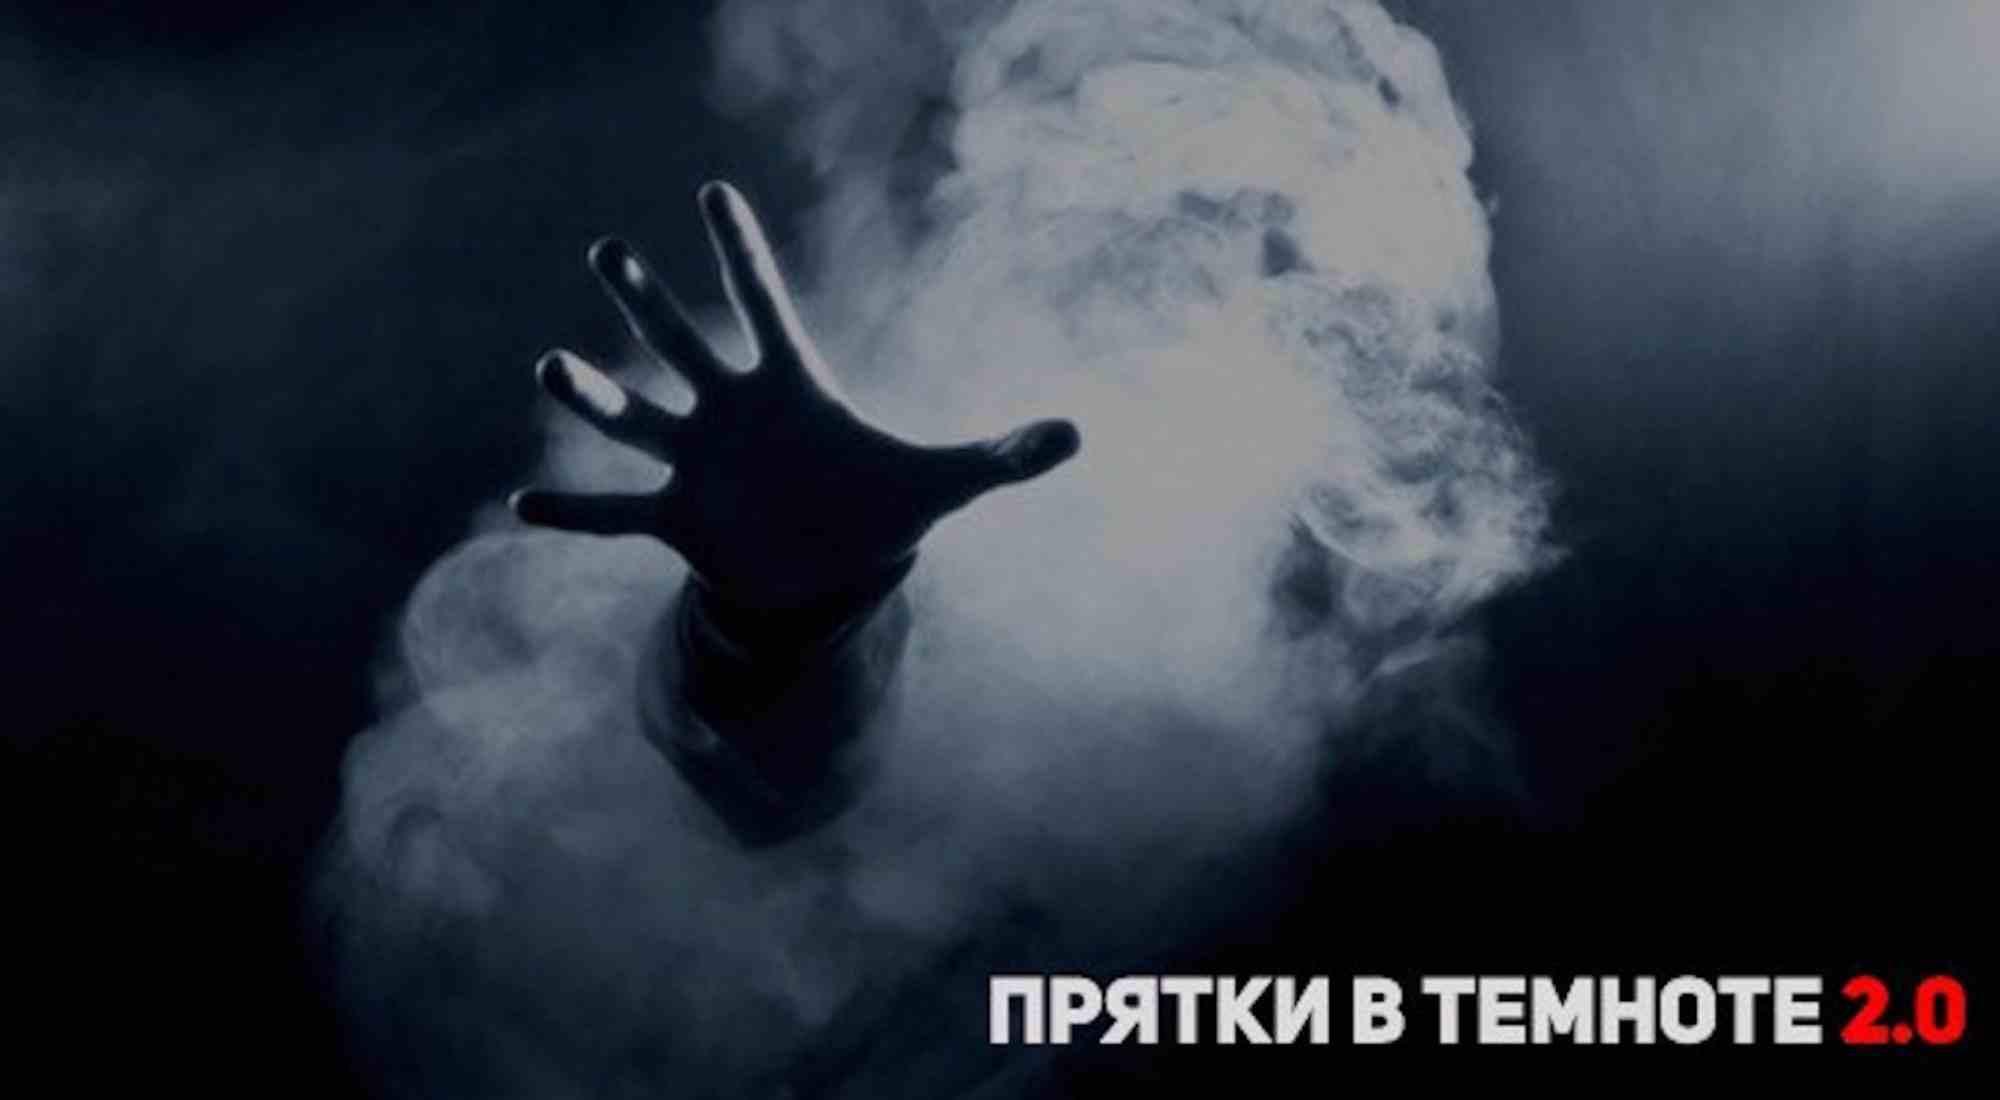 Квест Прятки в темноте 2.0 Анастасия Москва